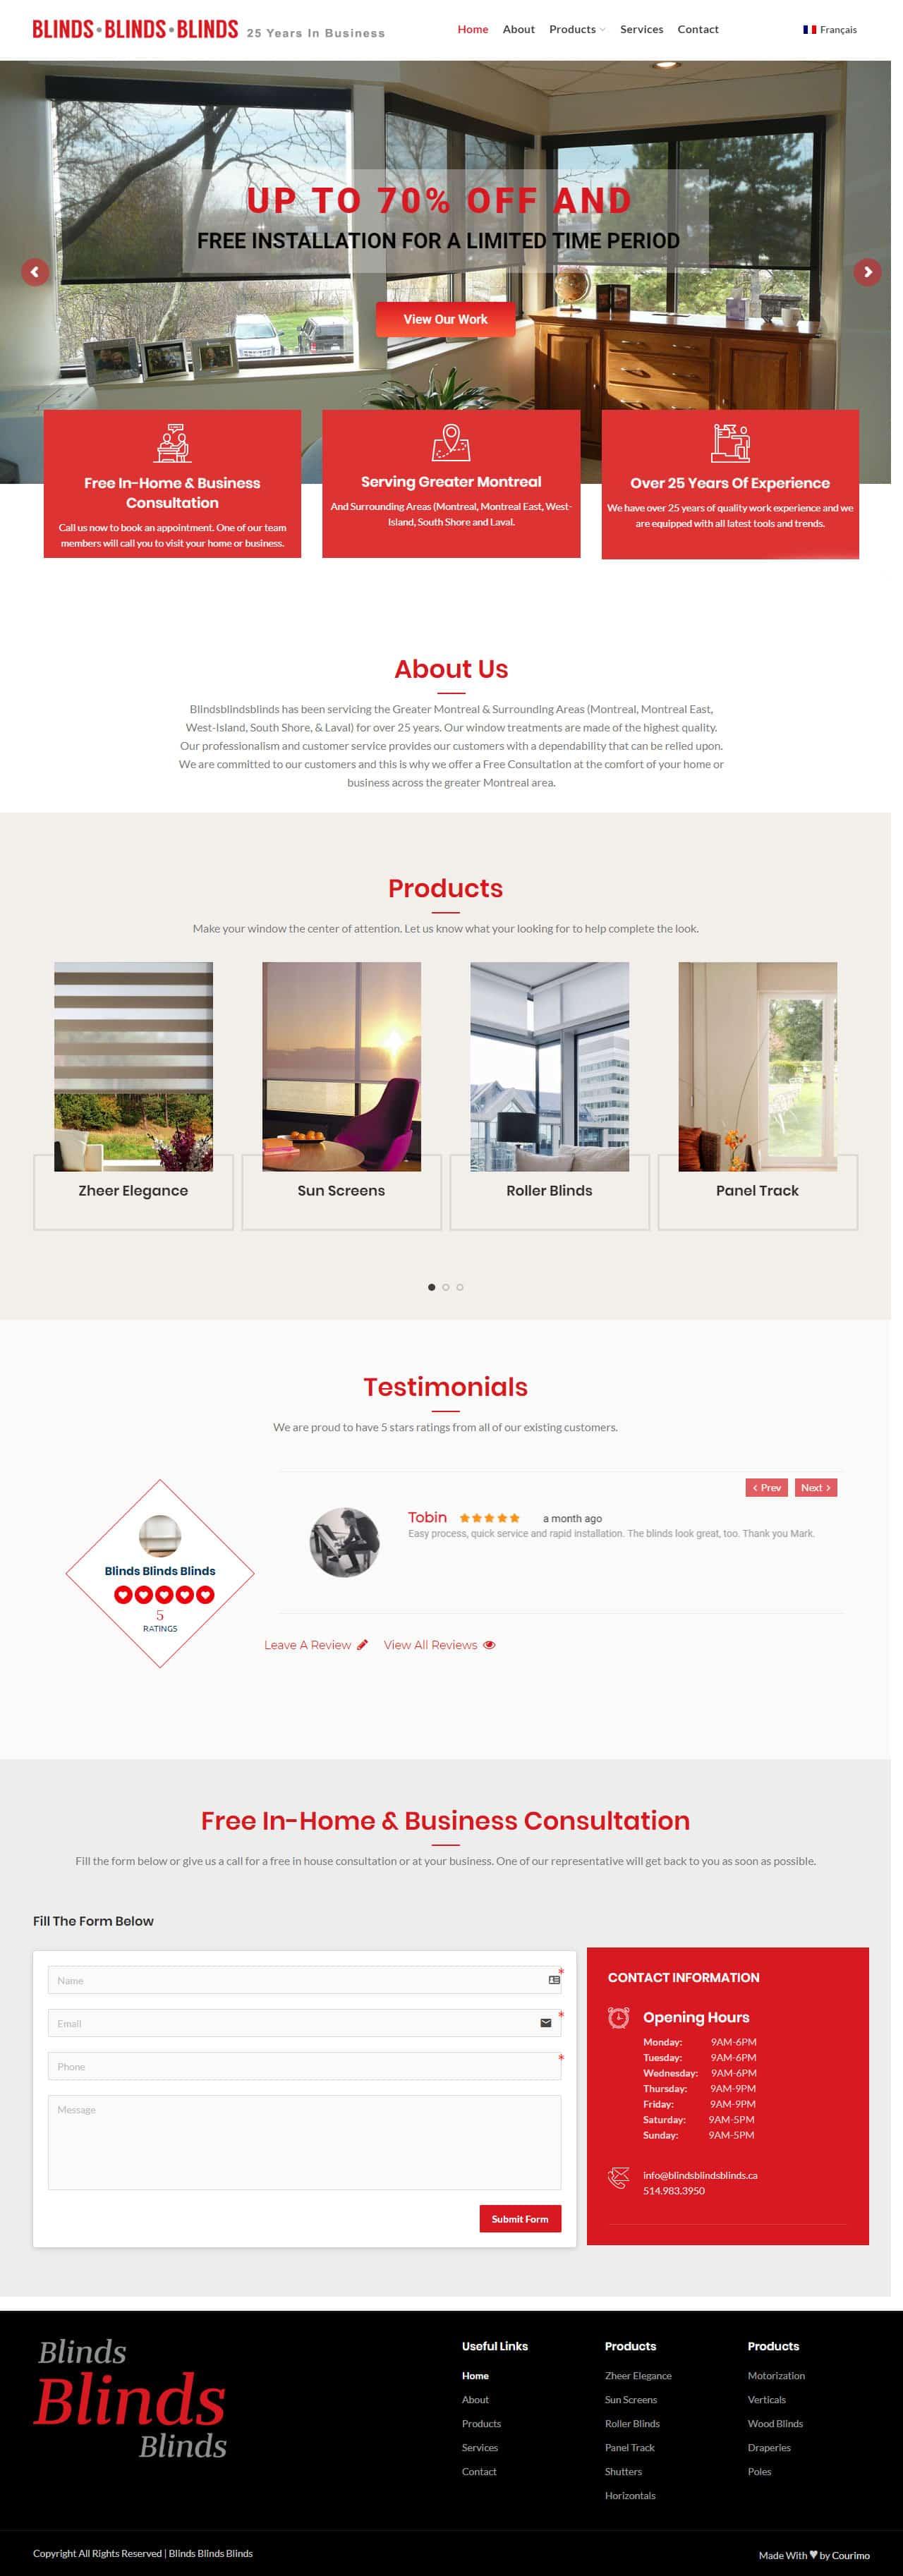 Blinds-Website-Development-Client